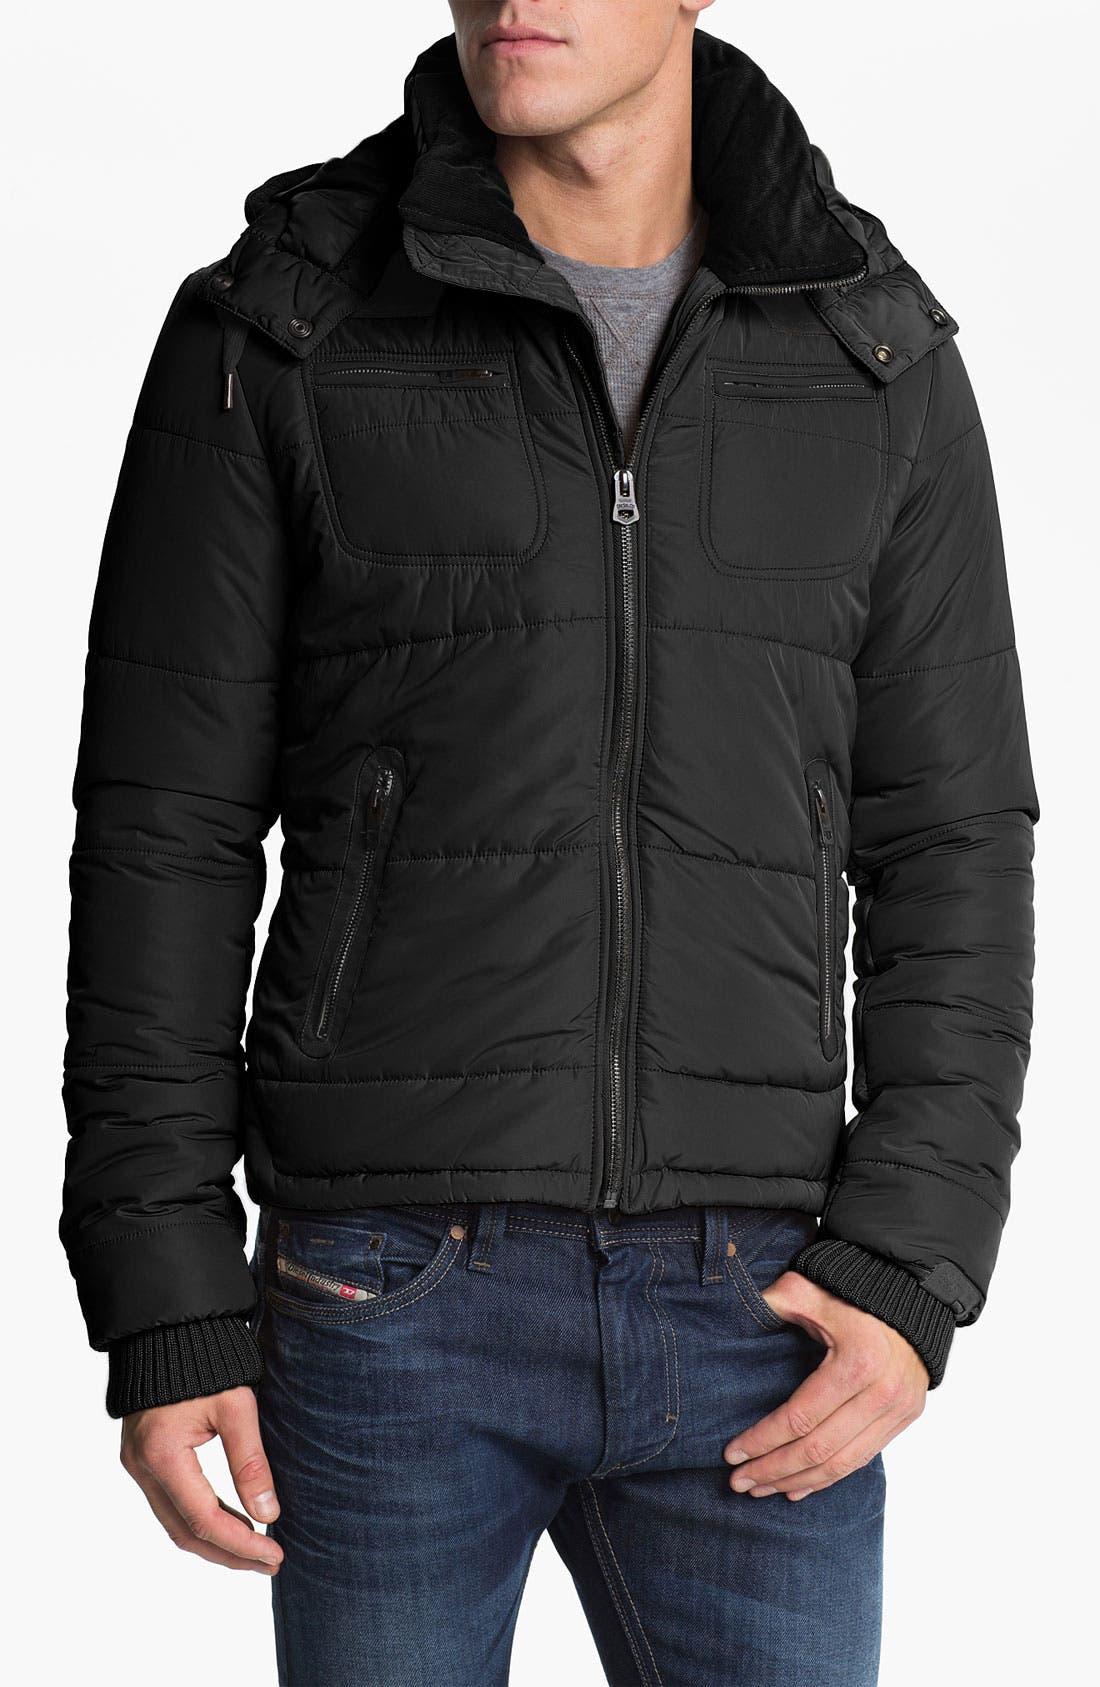 Alternate Image 1 Selected - DIESEL® 'Wiley' Jacket